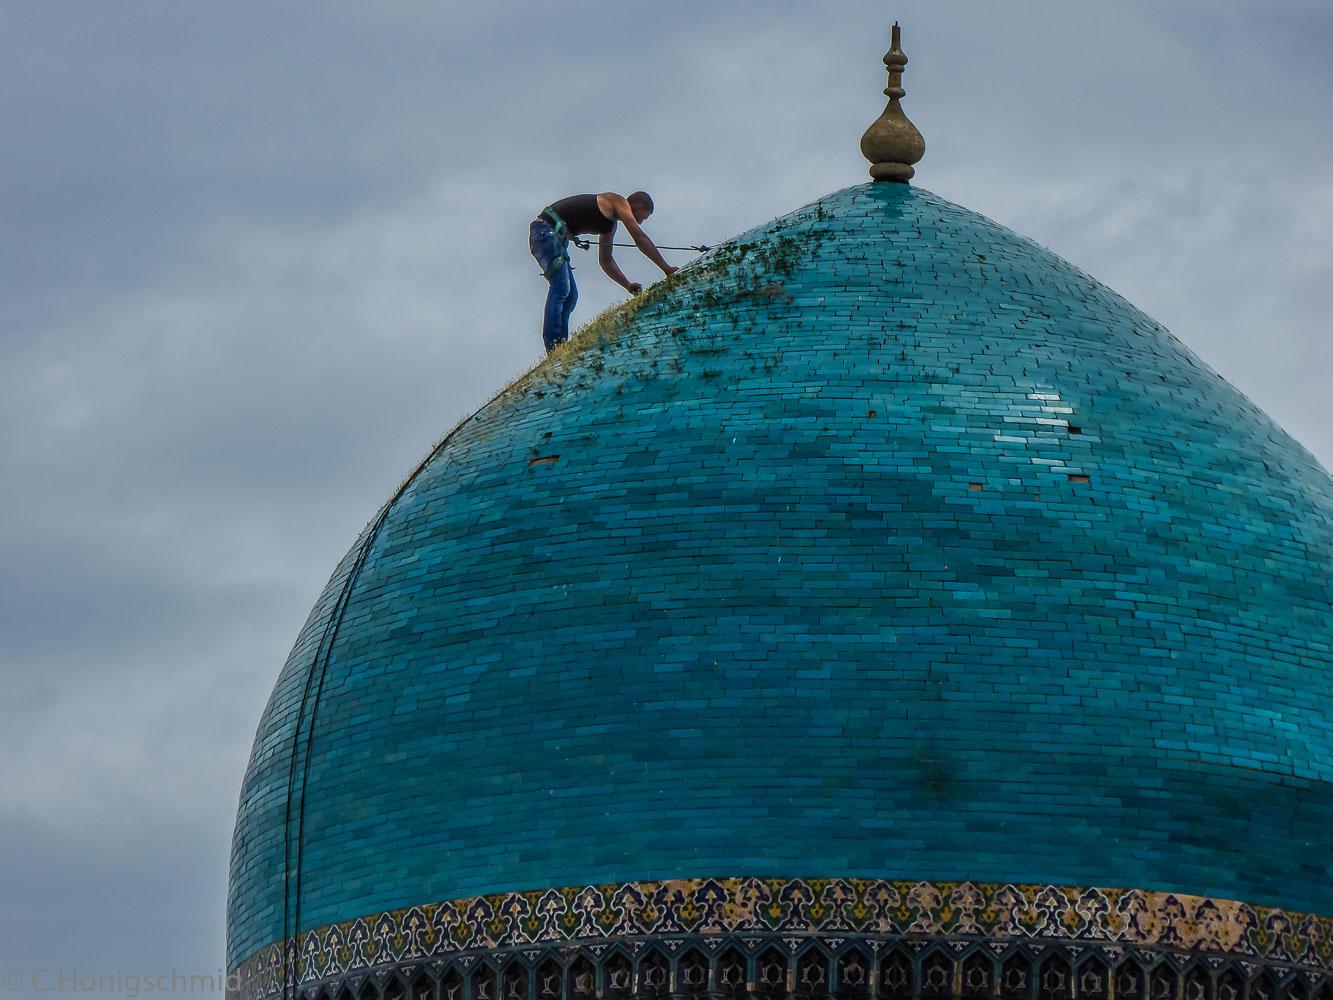 Usbekistan 2014 (32 von 53)-32